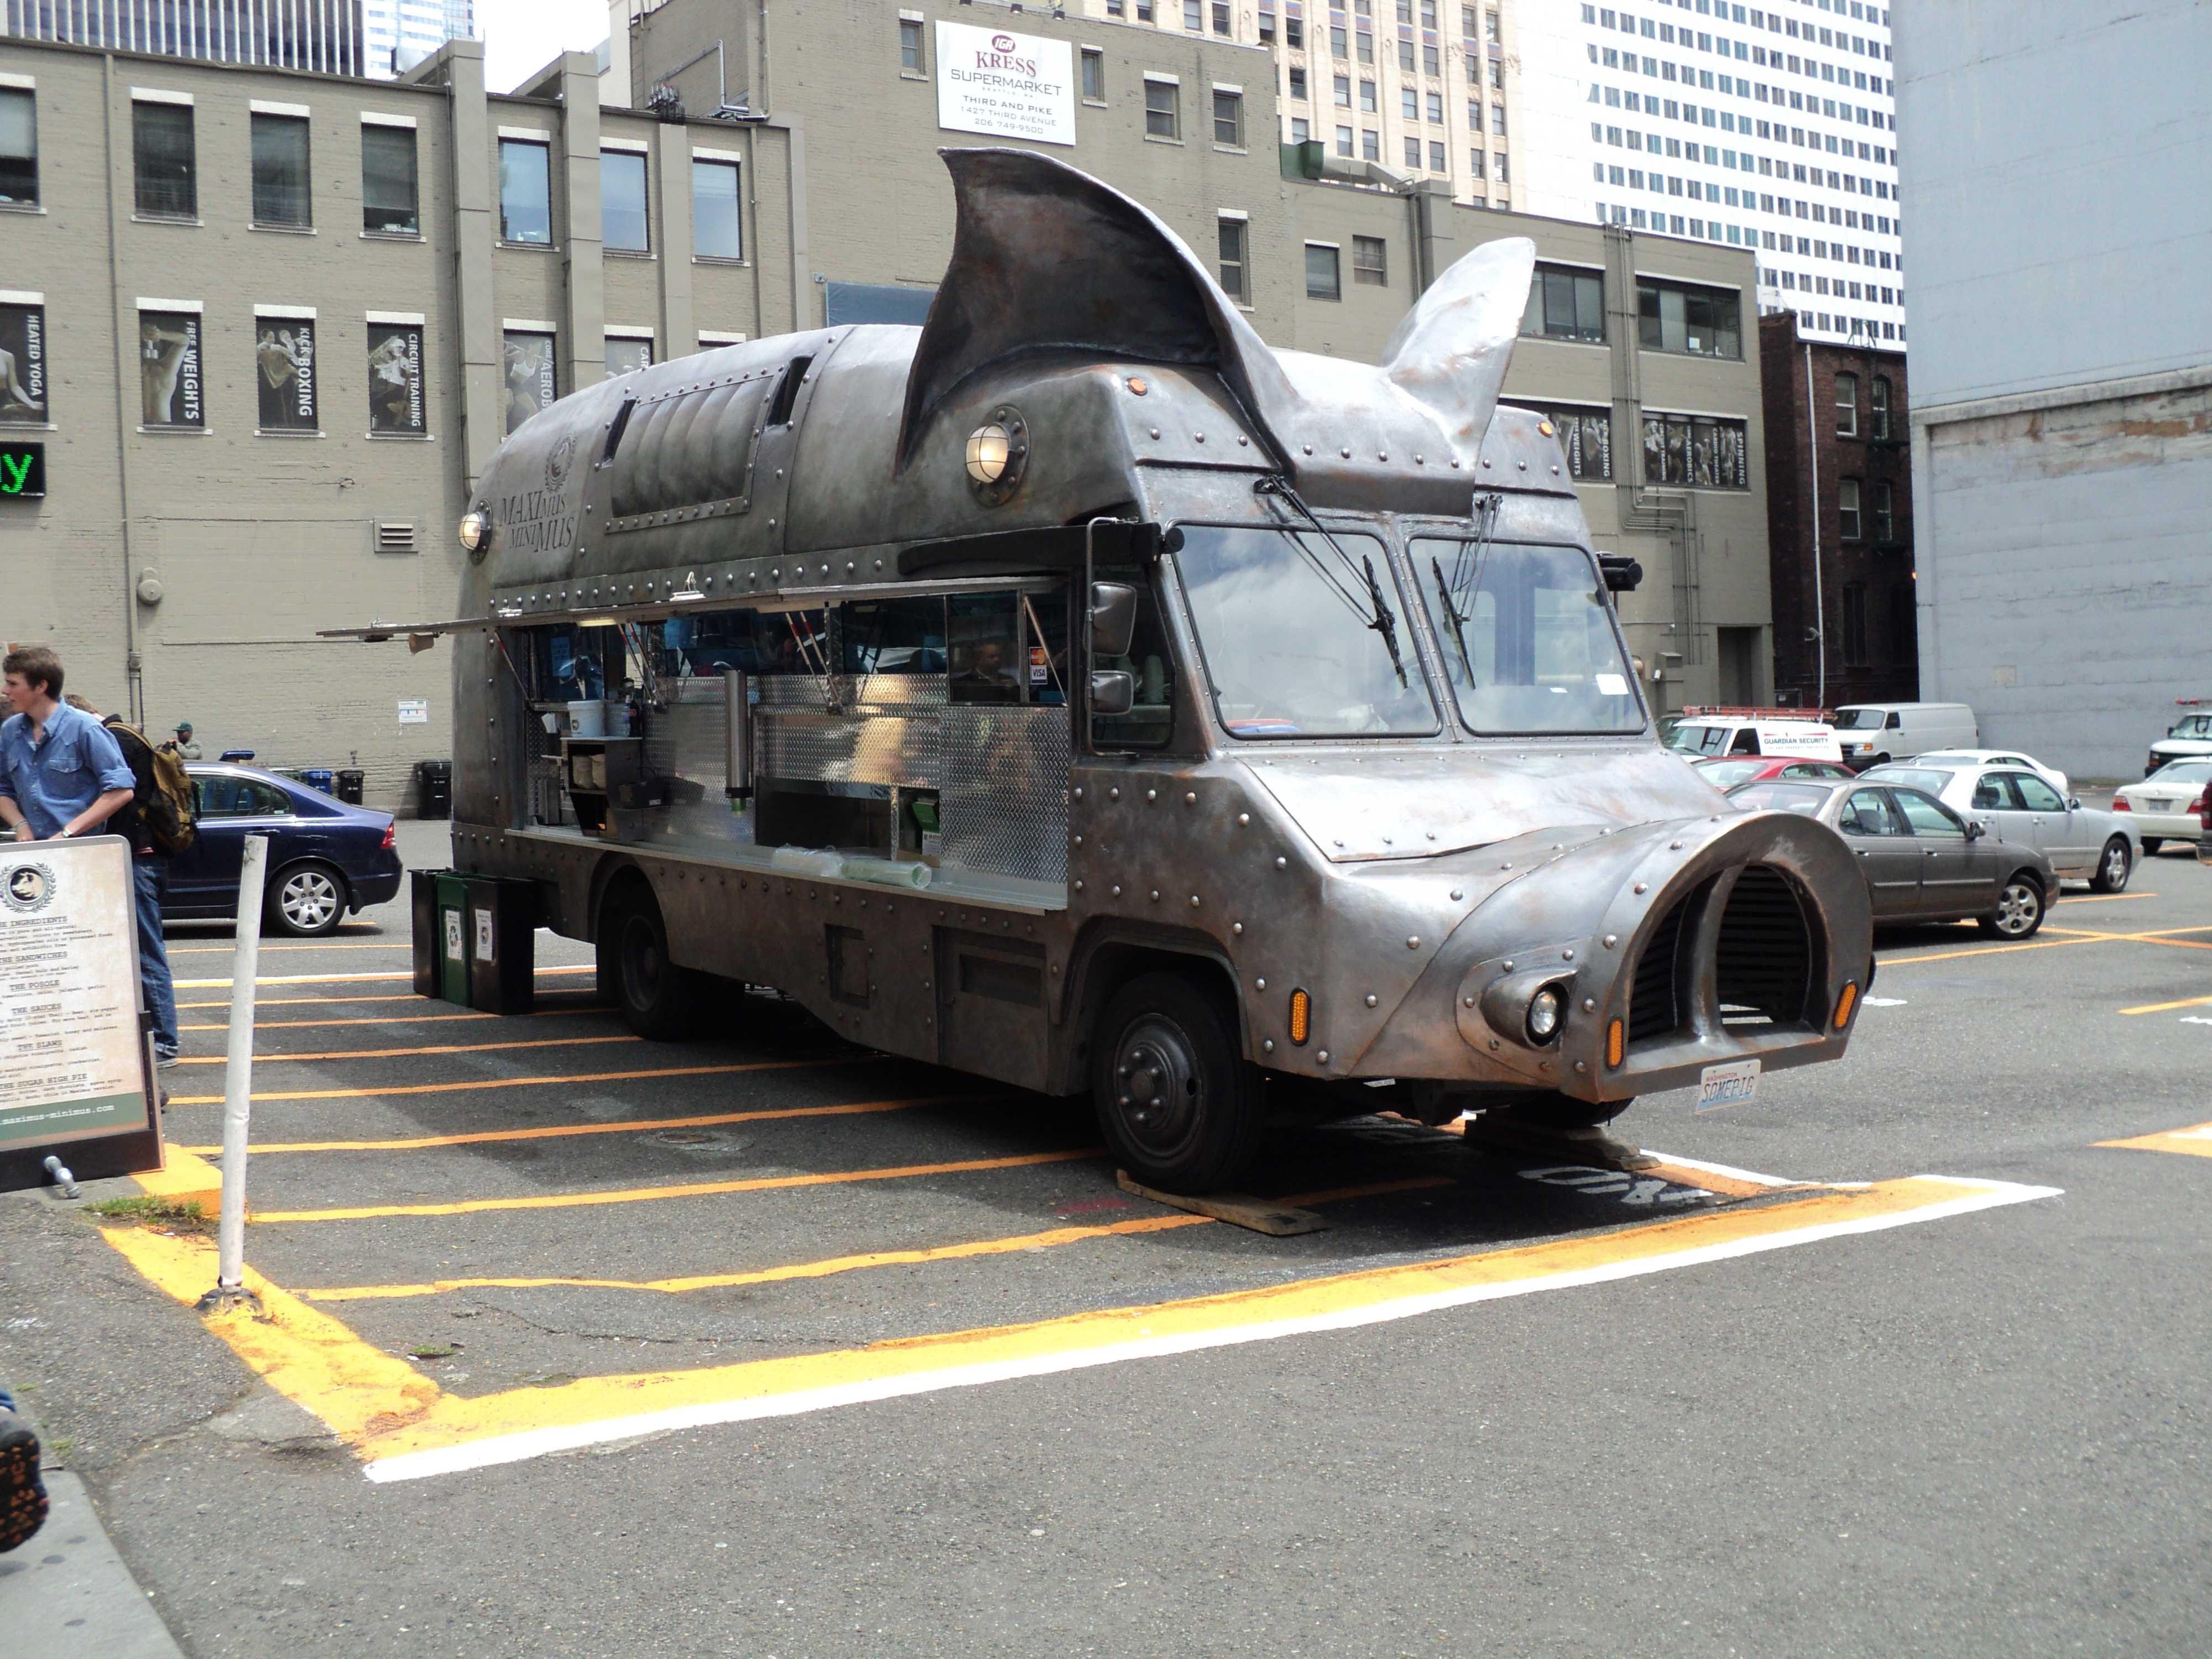 les food truck arrivent doucement mais s rement. Black Bedroom Furniture Sets. Home Design Ideas